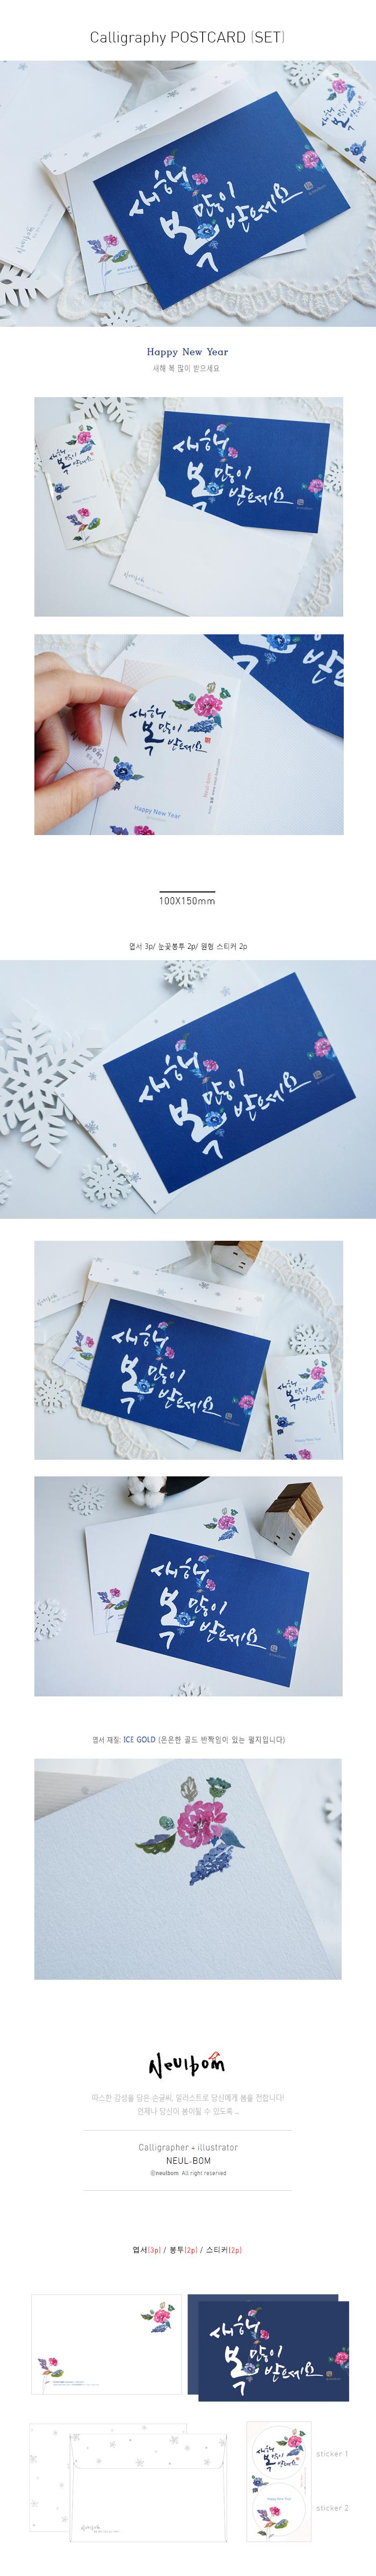 연하장 엽서 3p SET (새해 복 많이 받으세요) - 늘봄, 4,500원, 카드, 시즌/테마 카드